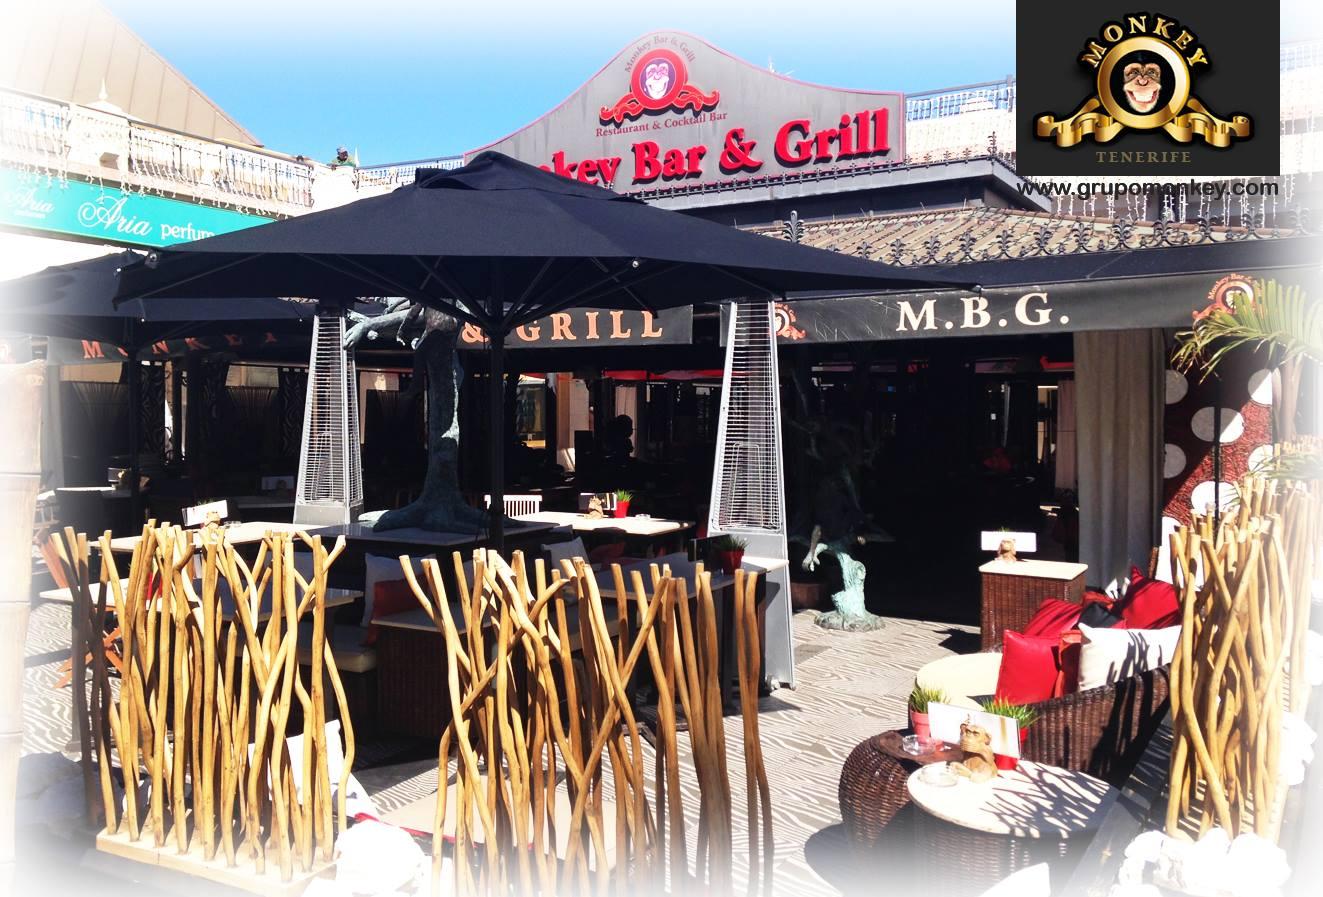 Monkey Bar Grill Teneriffa